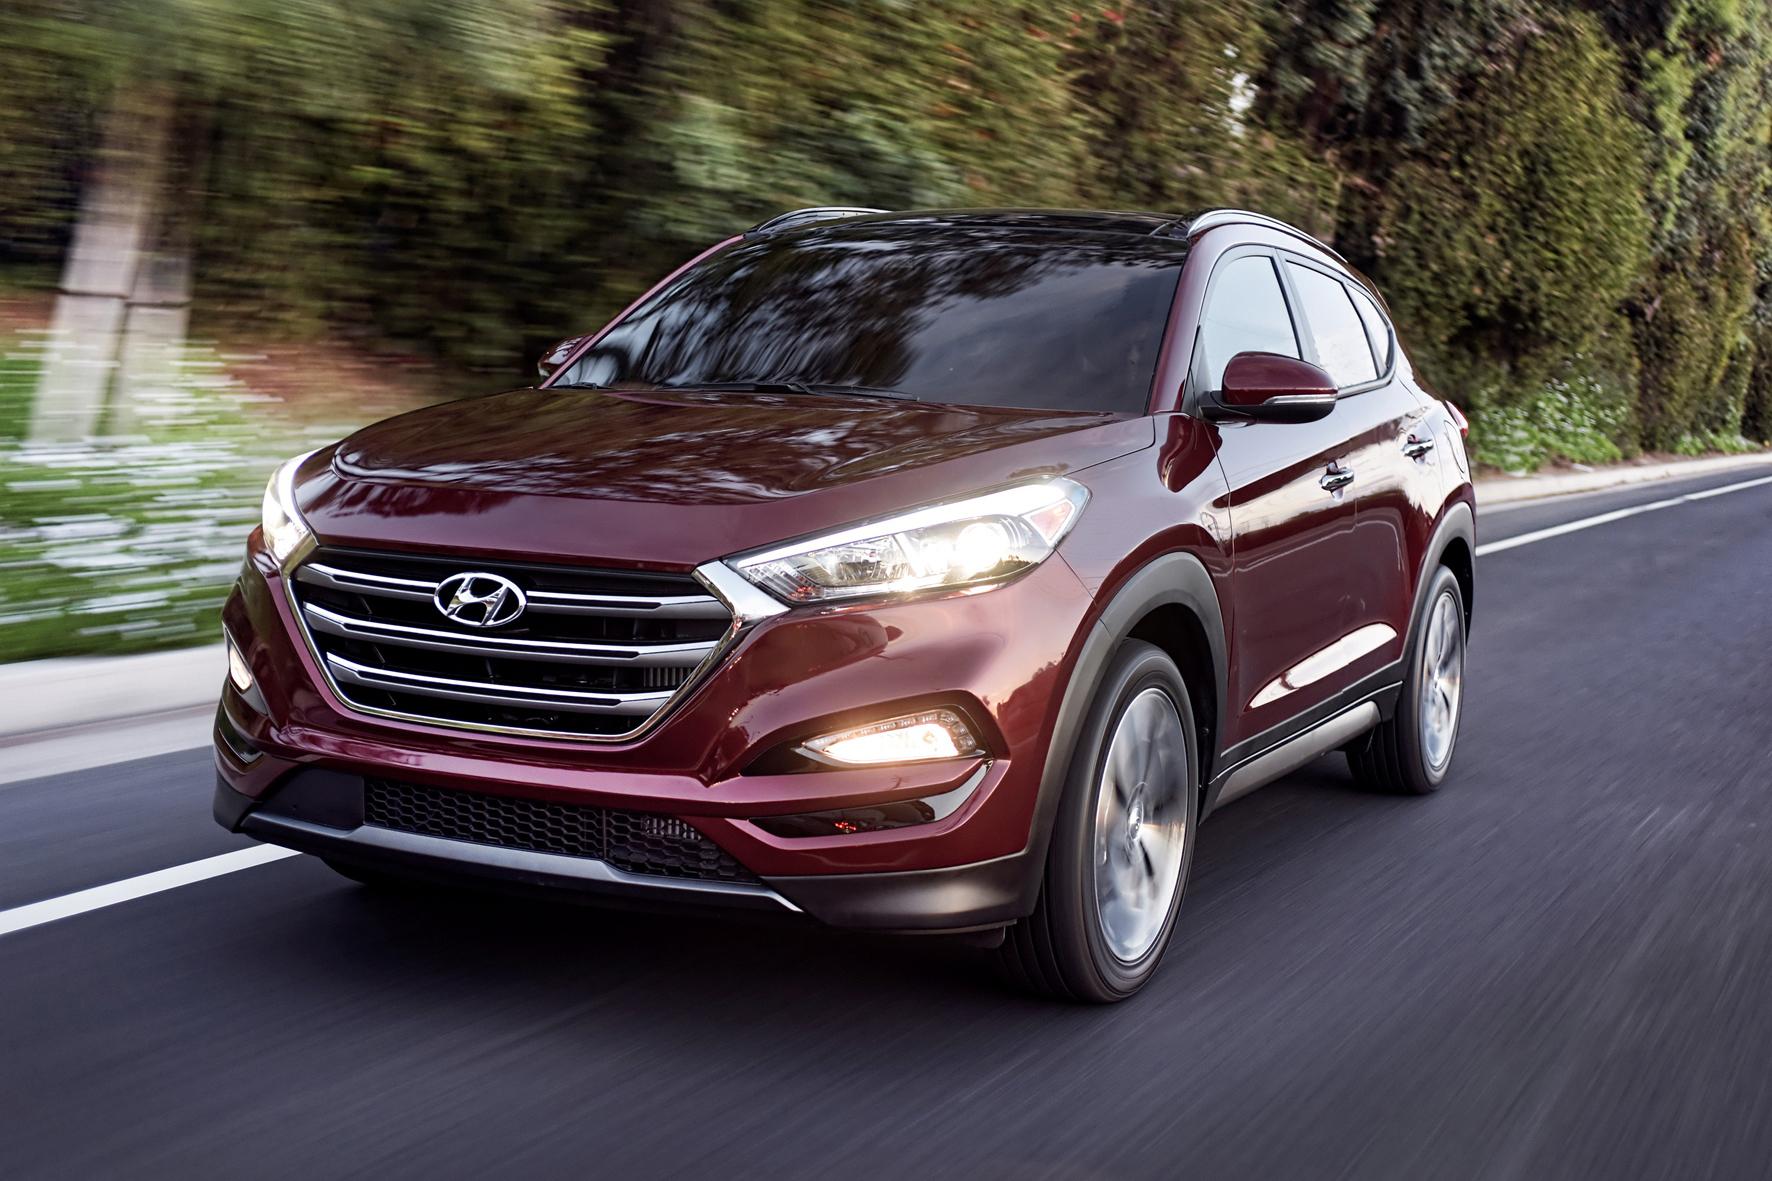 mid Frankfurt am Main/Rüsselsheim - Der neue Hyundai Tucson steht jetzt zu Preisen ab 22.400 Euro bei den deutschen Händlern. Mit großem Hexagonal-Kühlergrill und schmalen Scheinwerfern legt er einen imposanteren Auftritt hin als der Vorgänger ix35.